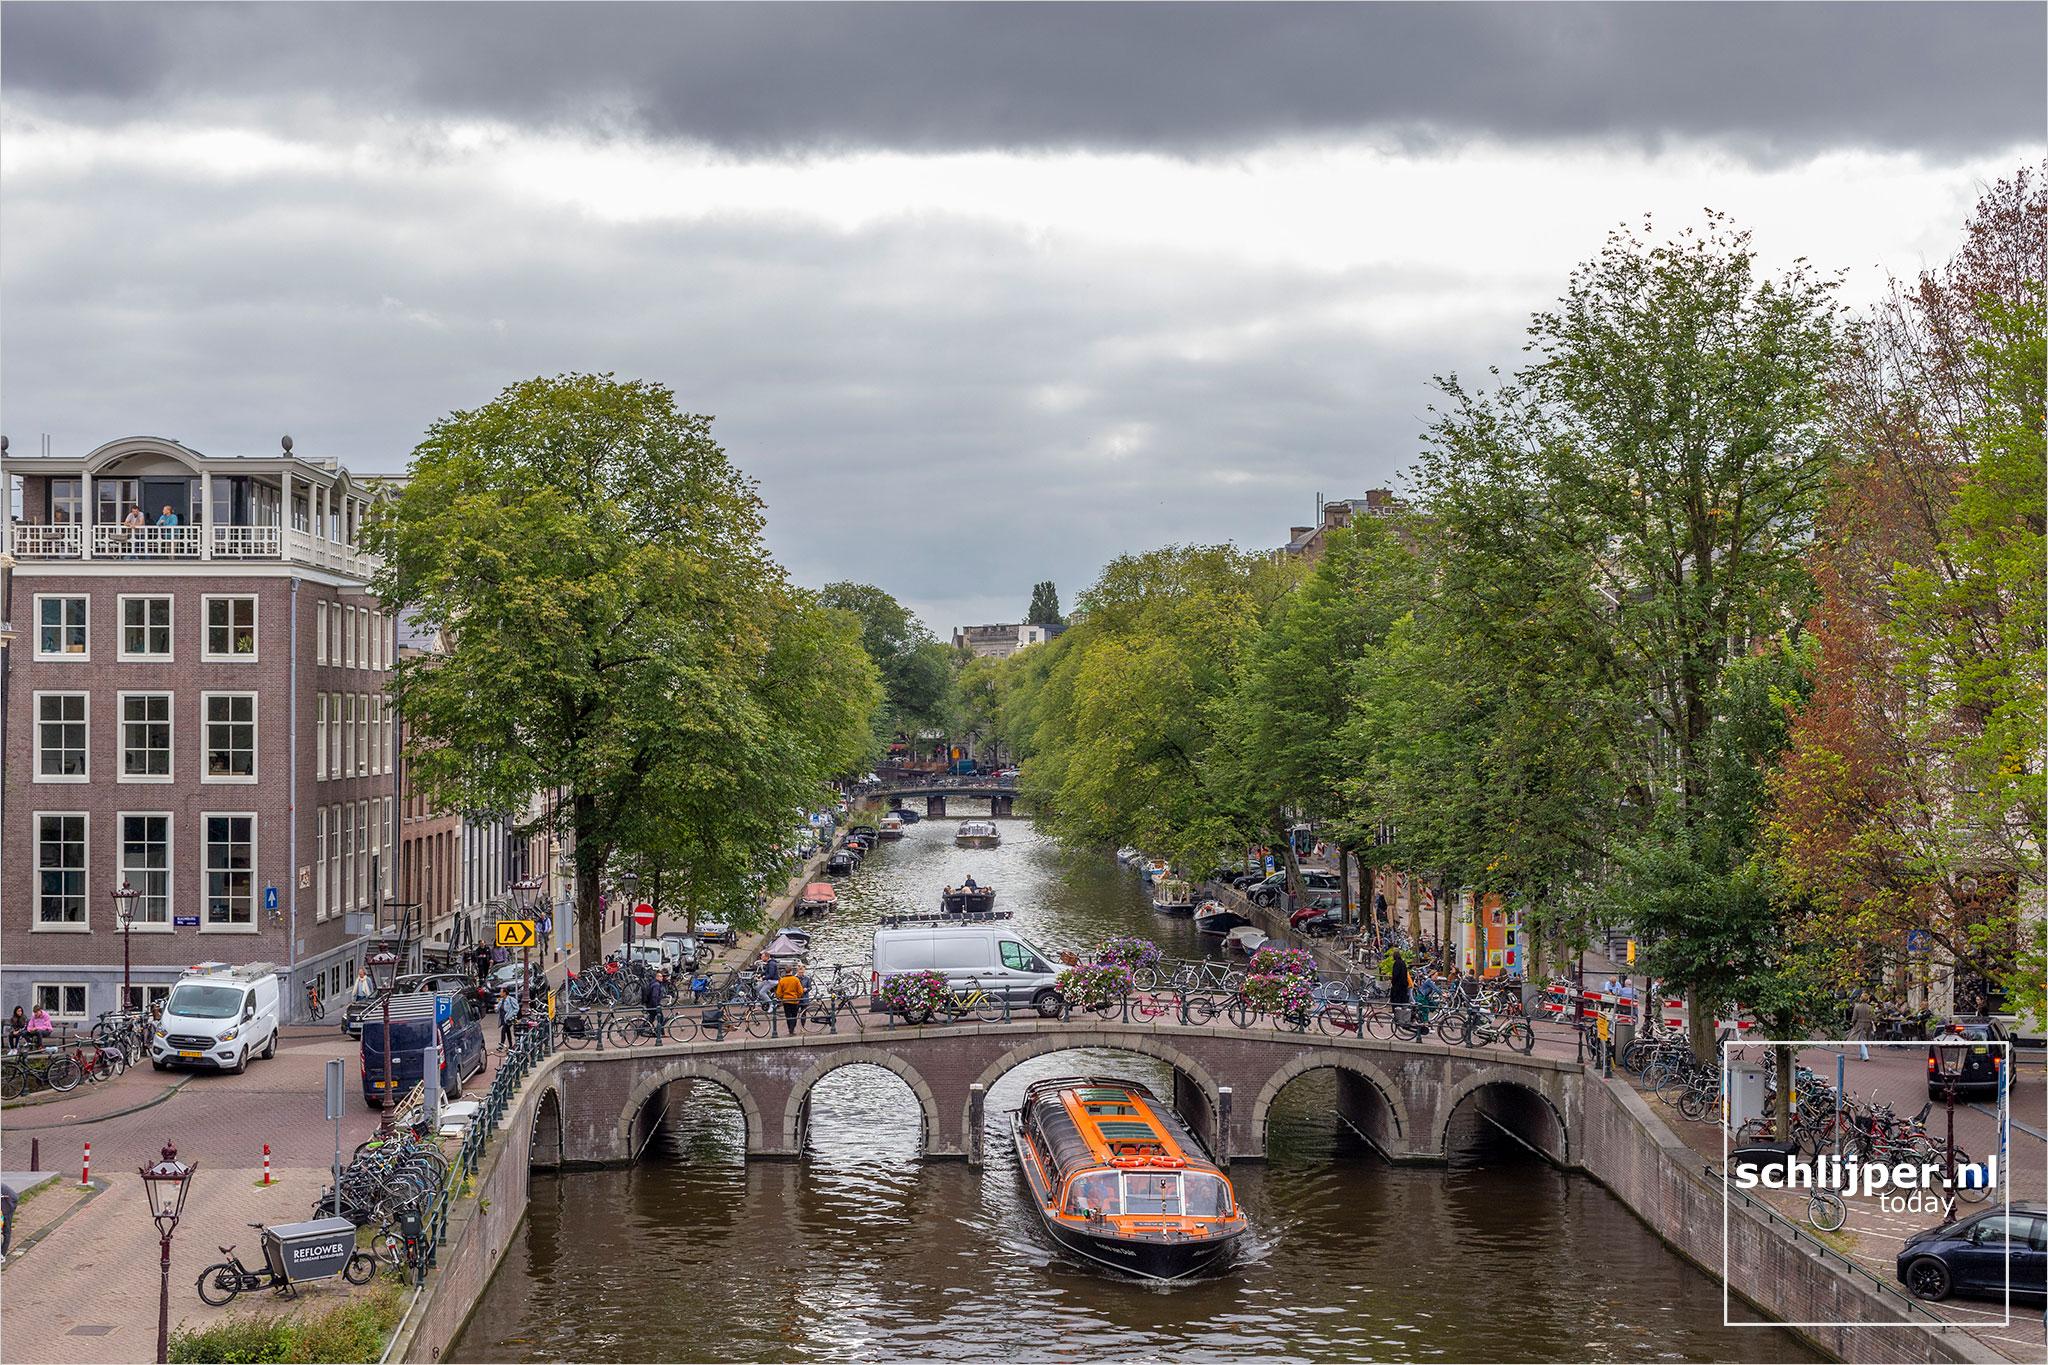 The Netherlands, Amsterdam, 1 september 2021